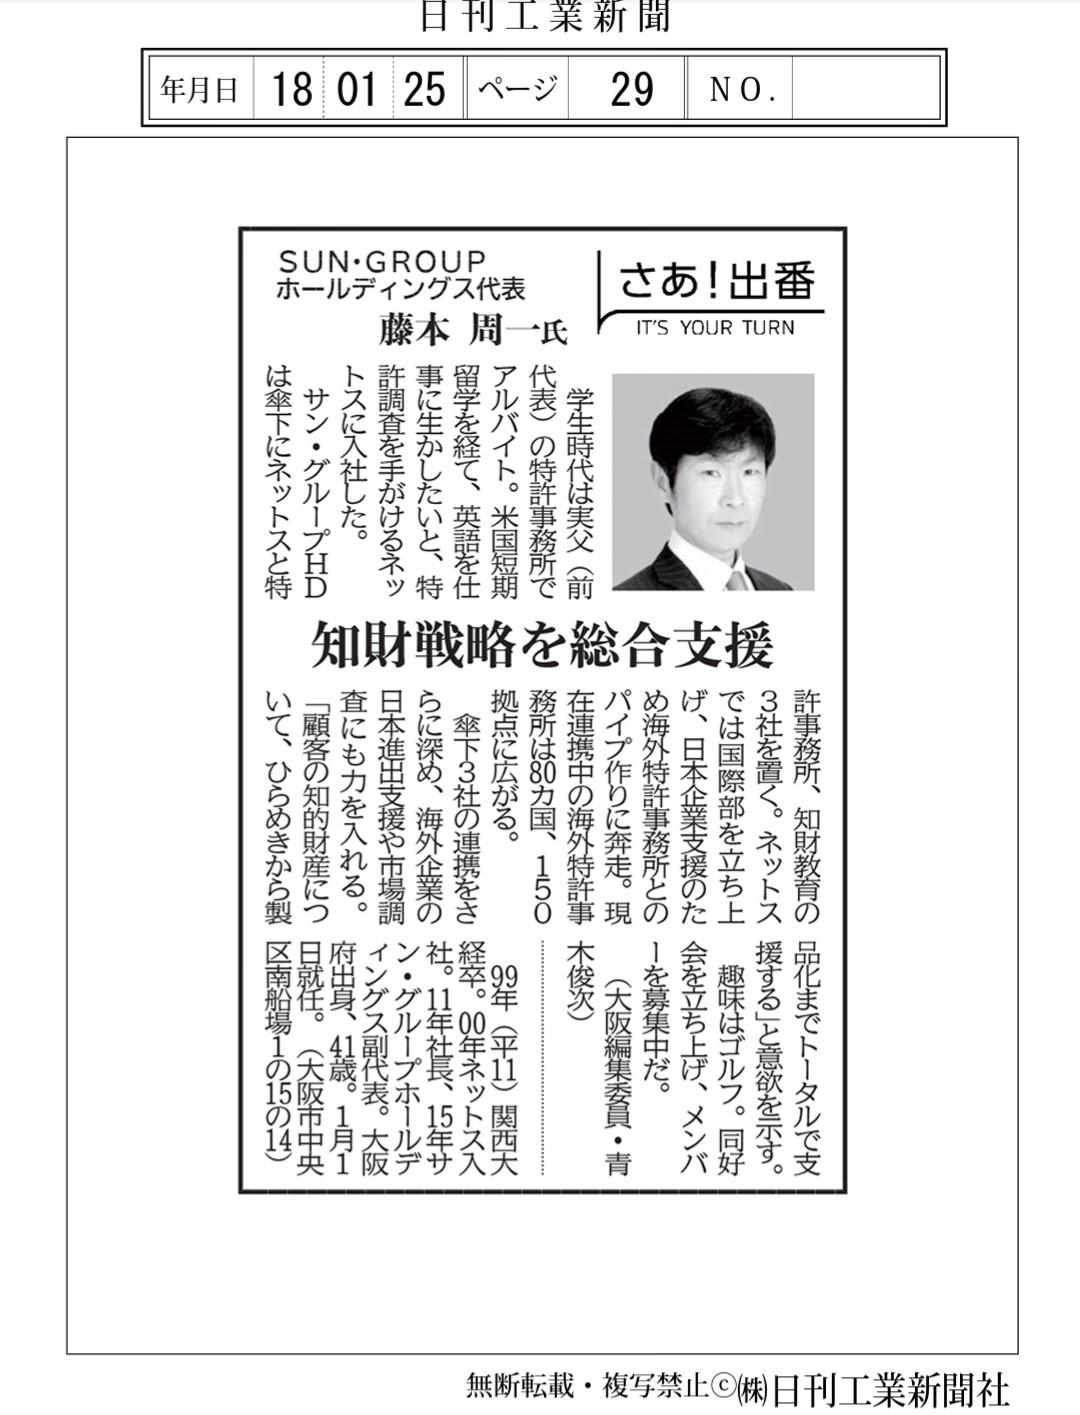 日刊工業新聞にサン・グループ代...